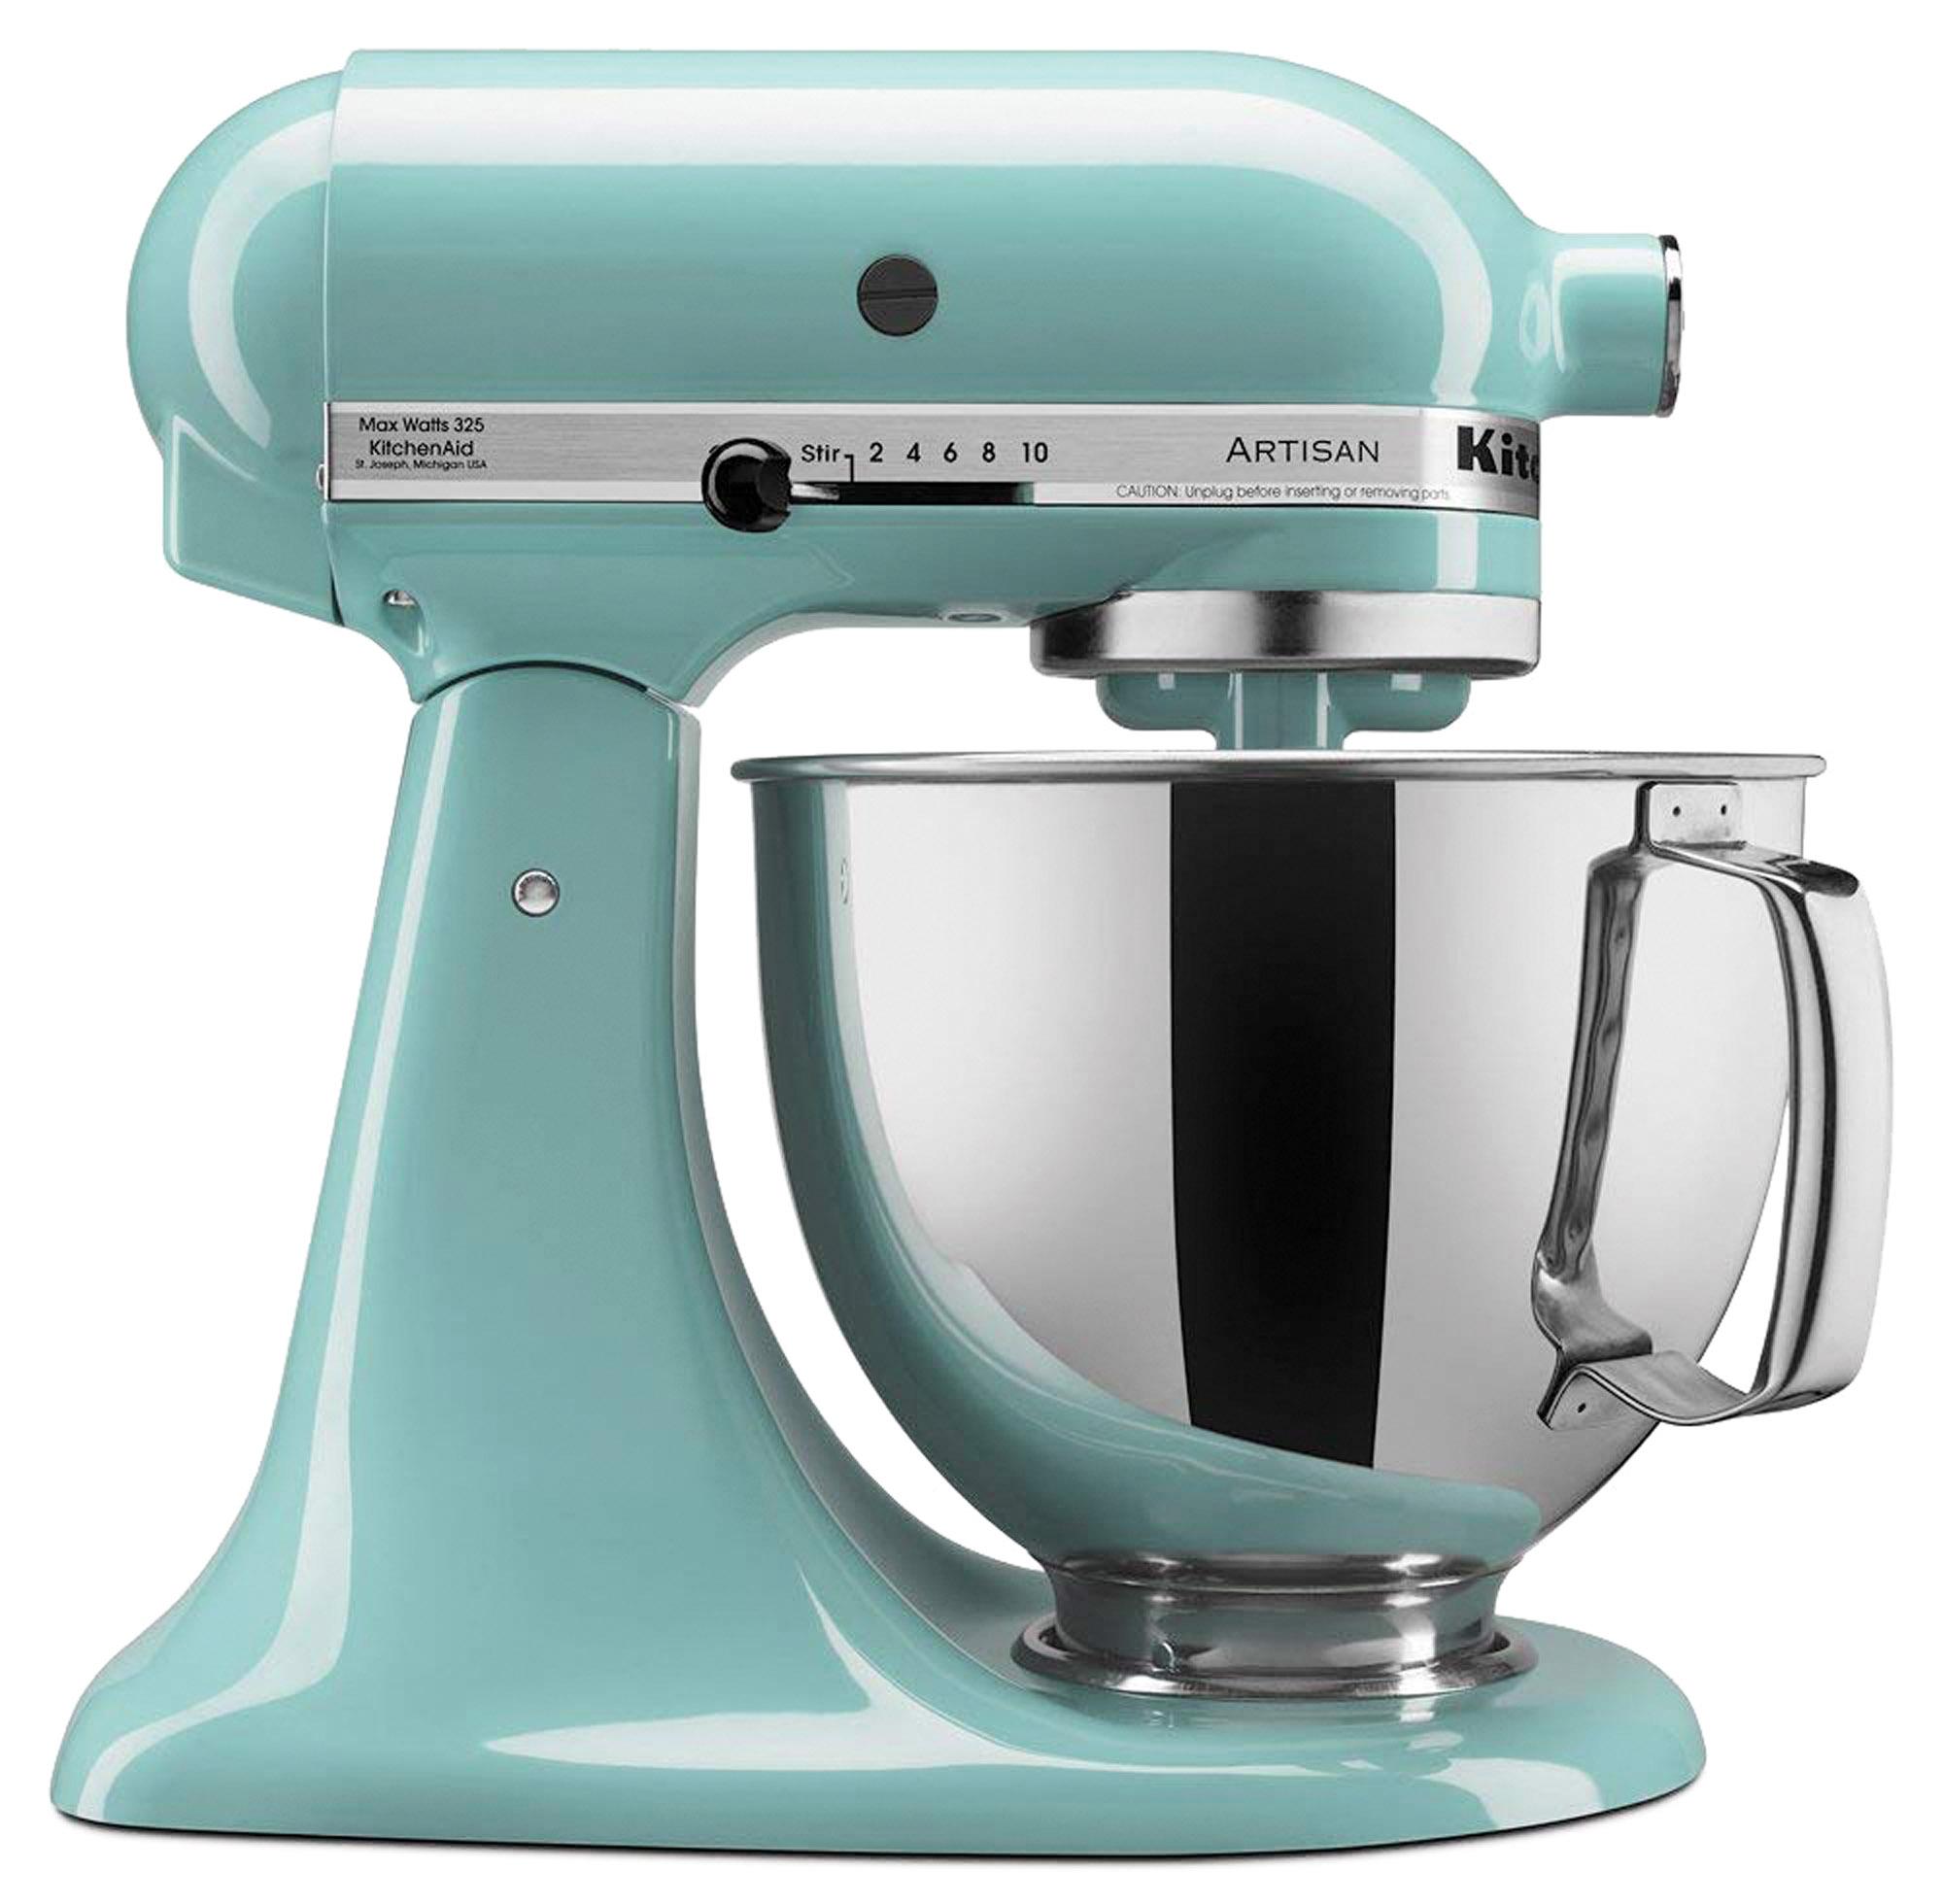 Aqua Sky kitchen aid mixer